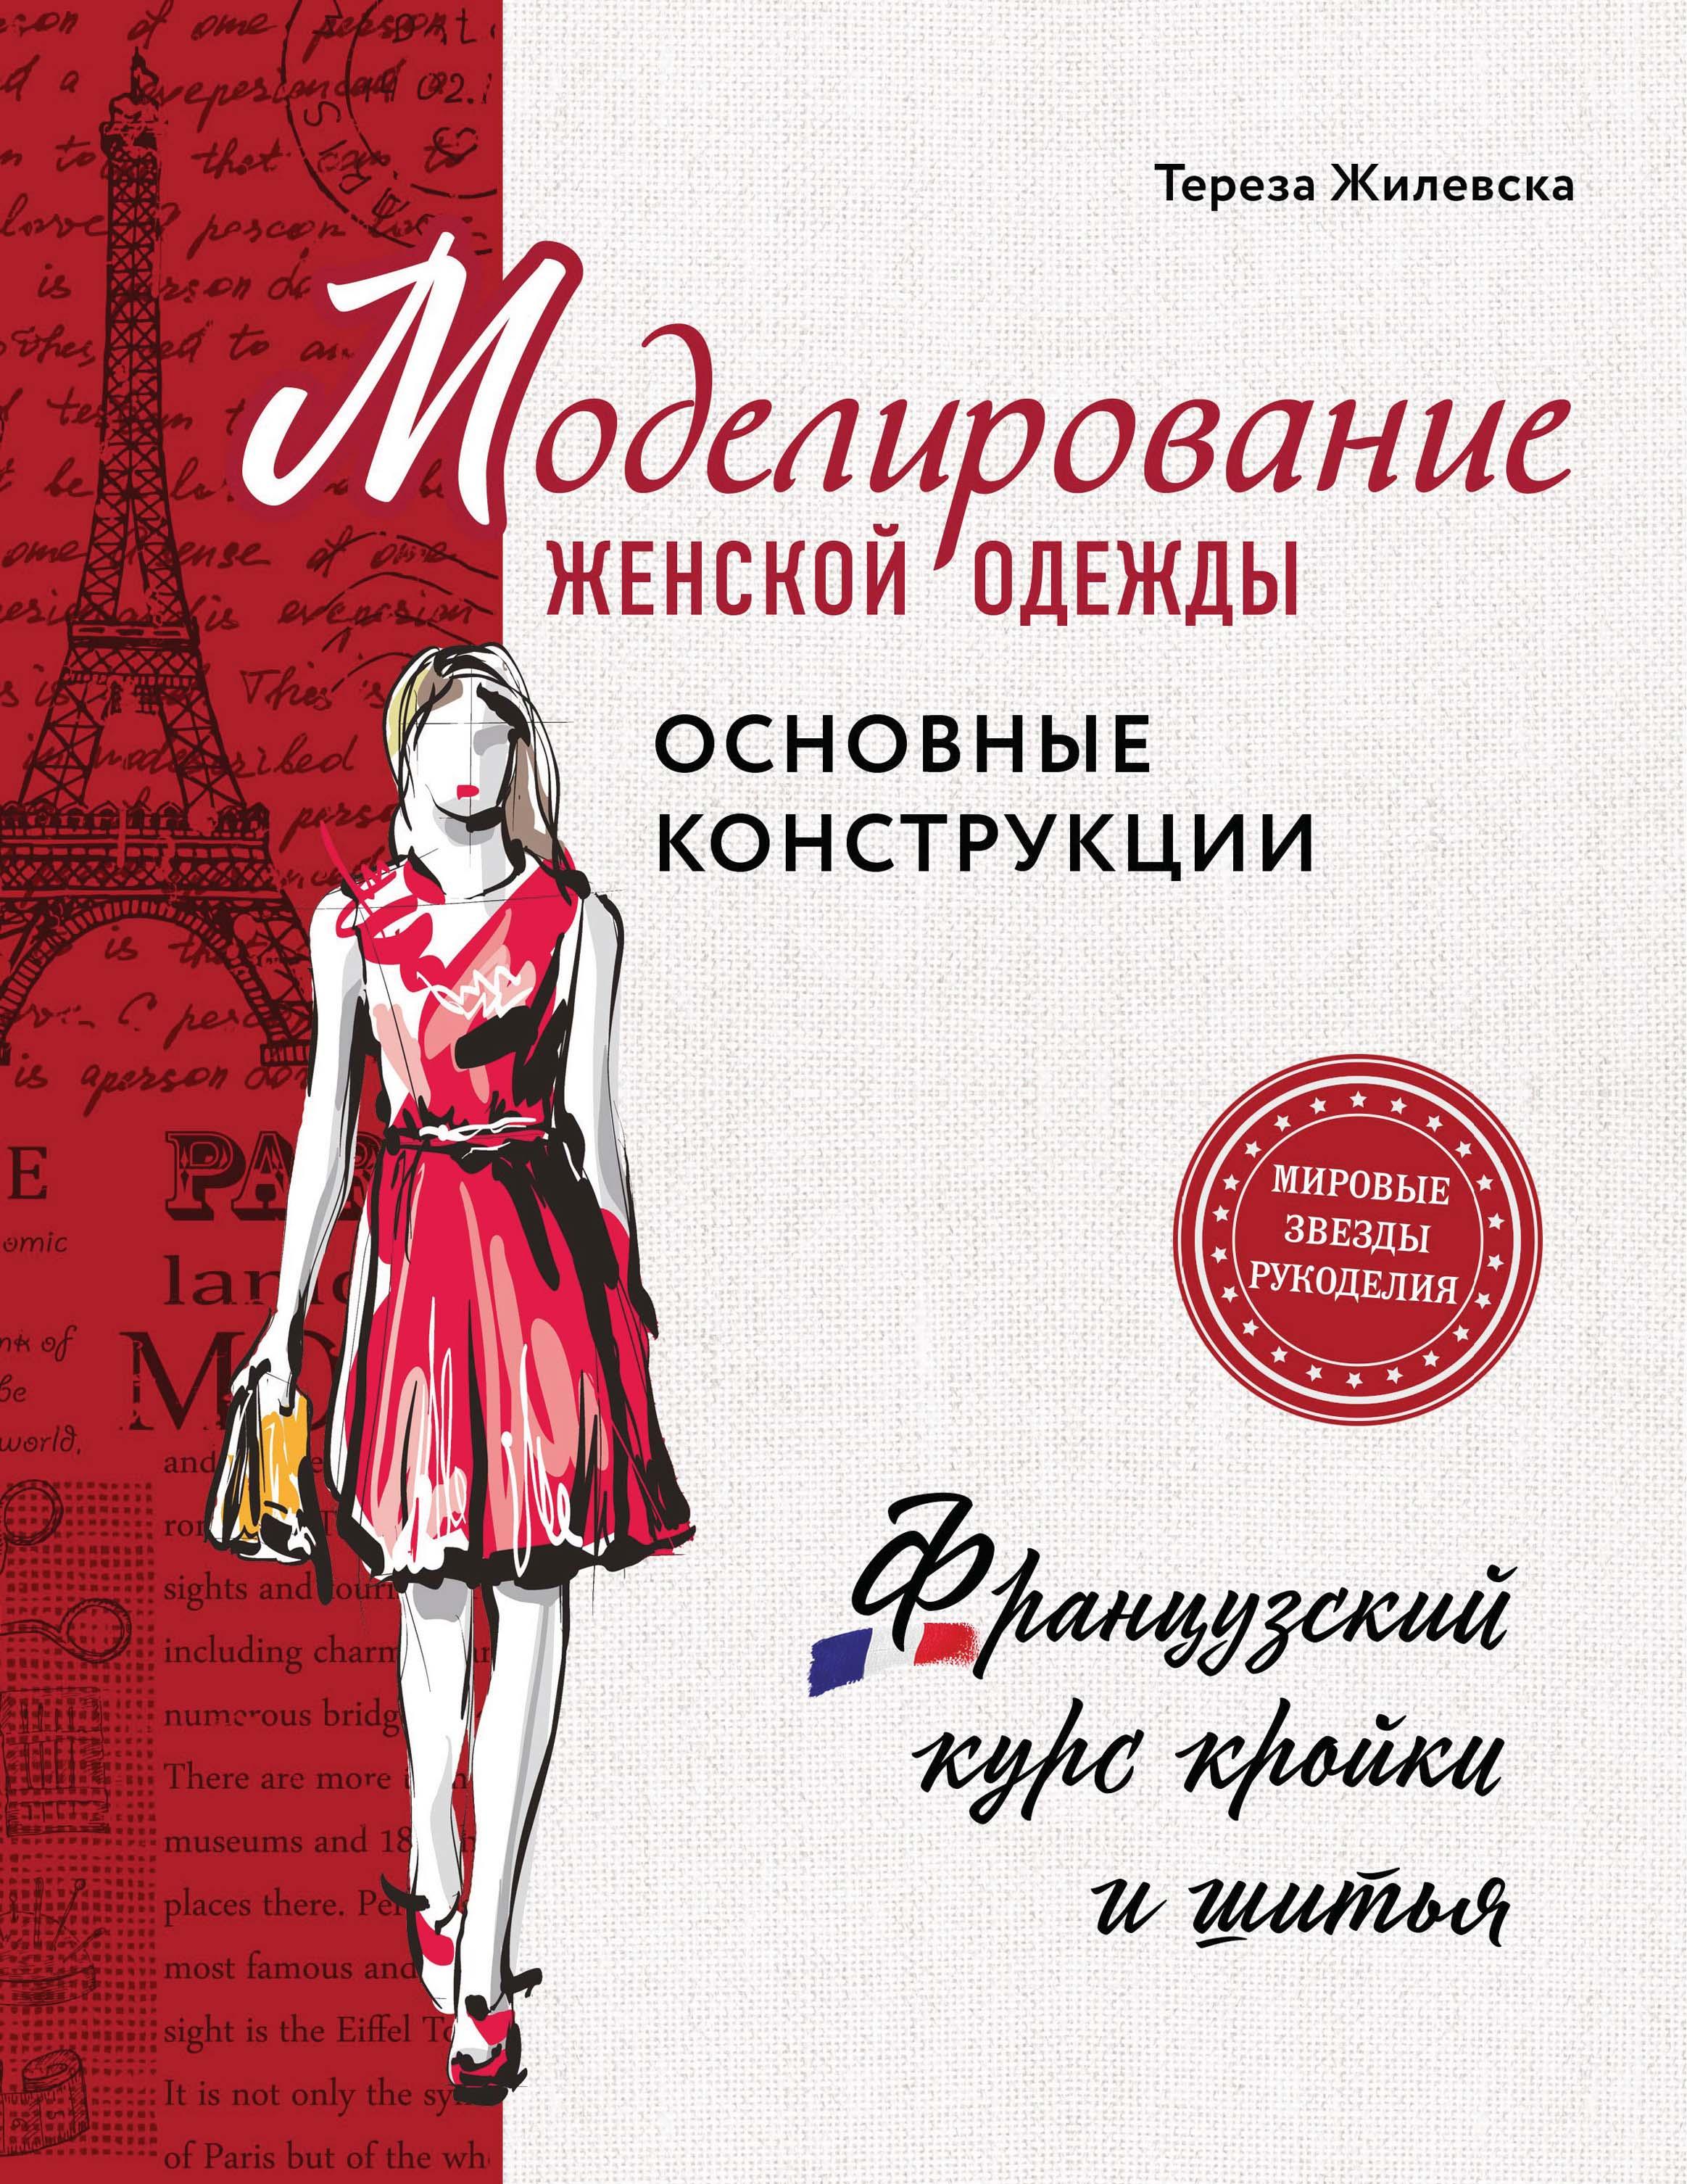 Моделирование женской одежды: основные конструкции